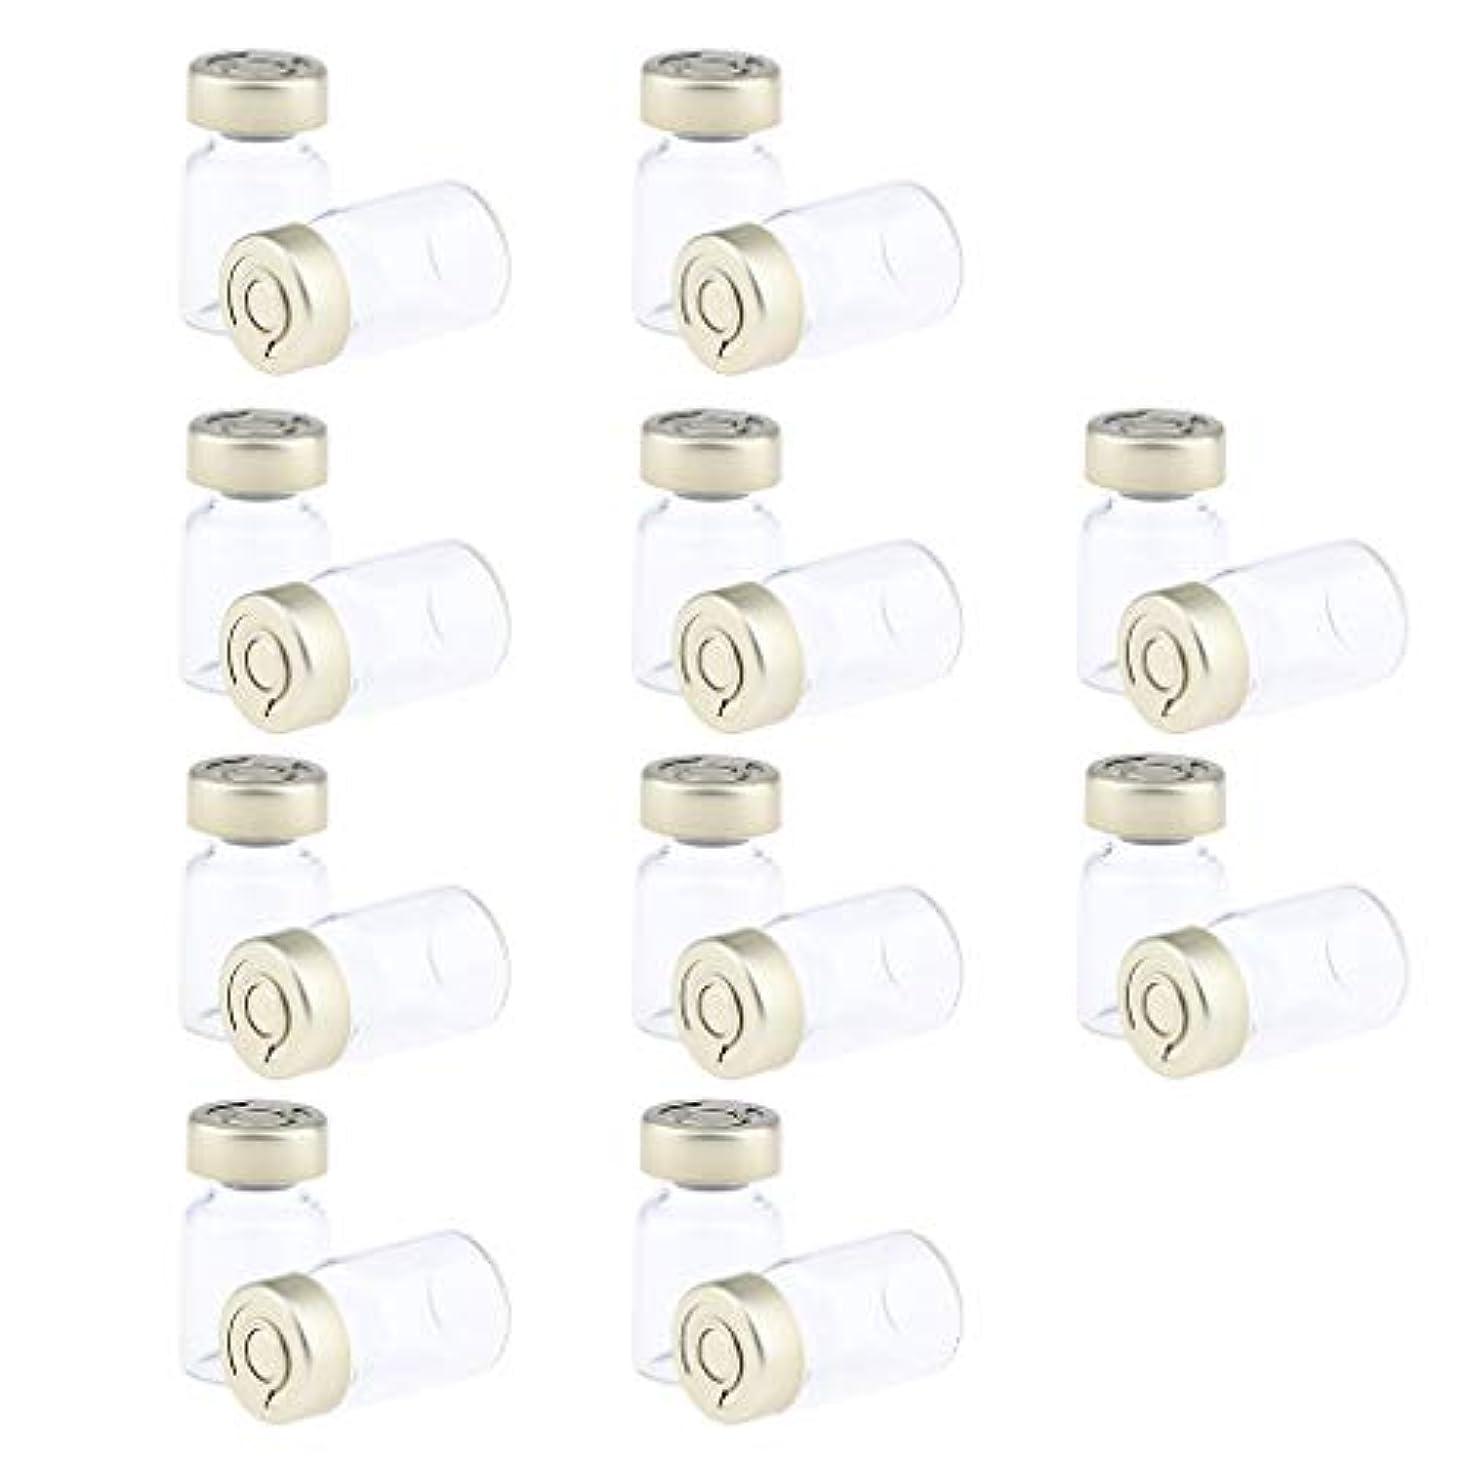 高く海洋しない約20個 密封バイアル 空ボトル ガラス密封 セラム バイアル びん 液体容器 3サイズ選べ - 5ミリリットル